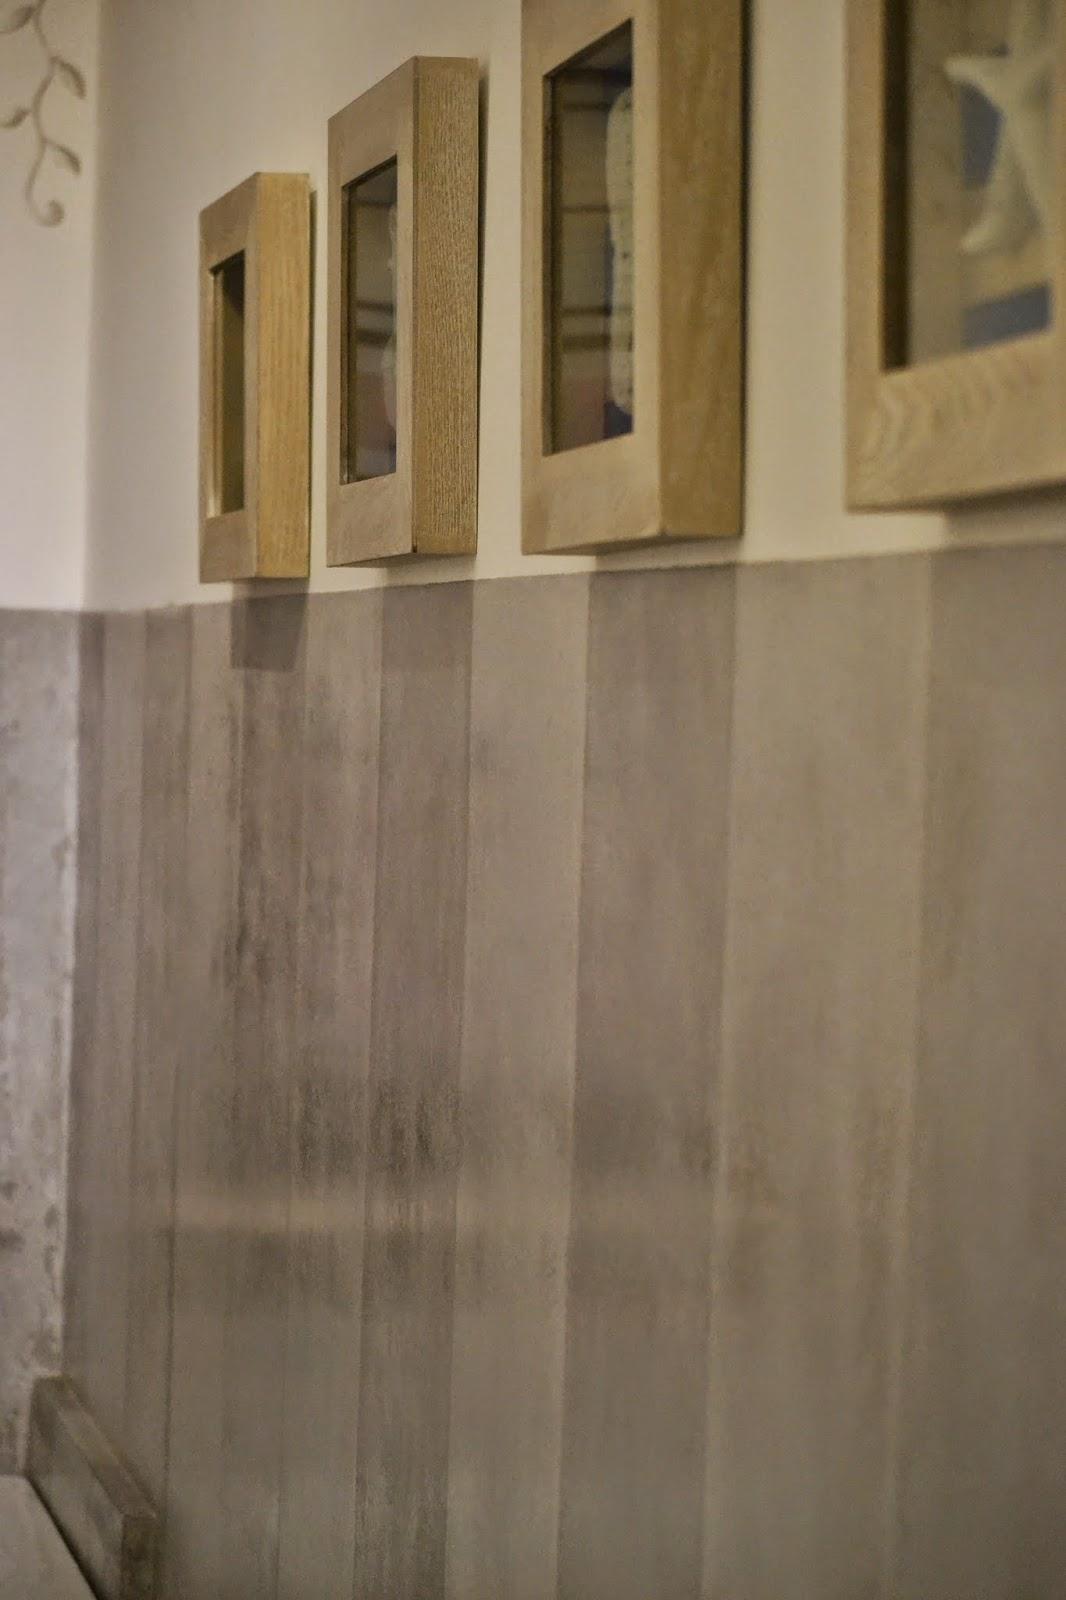 Chiartec fasce verticali - Piastrelle bagno altezza giusta ...